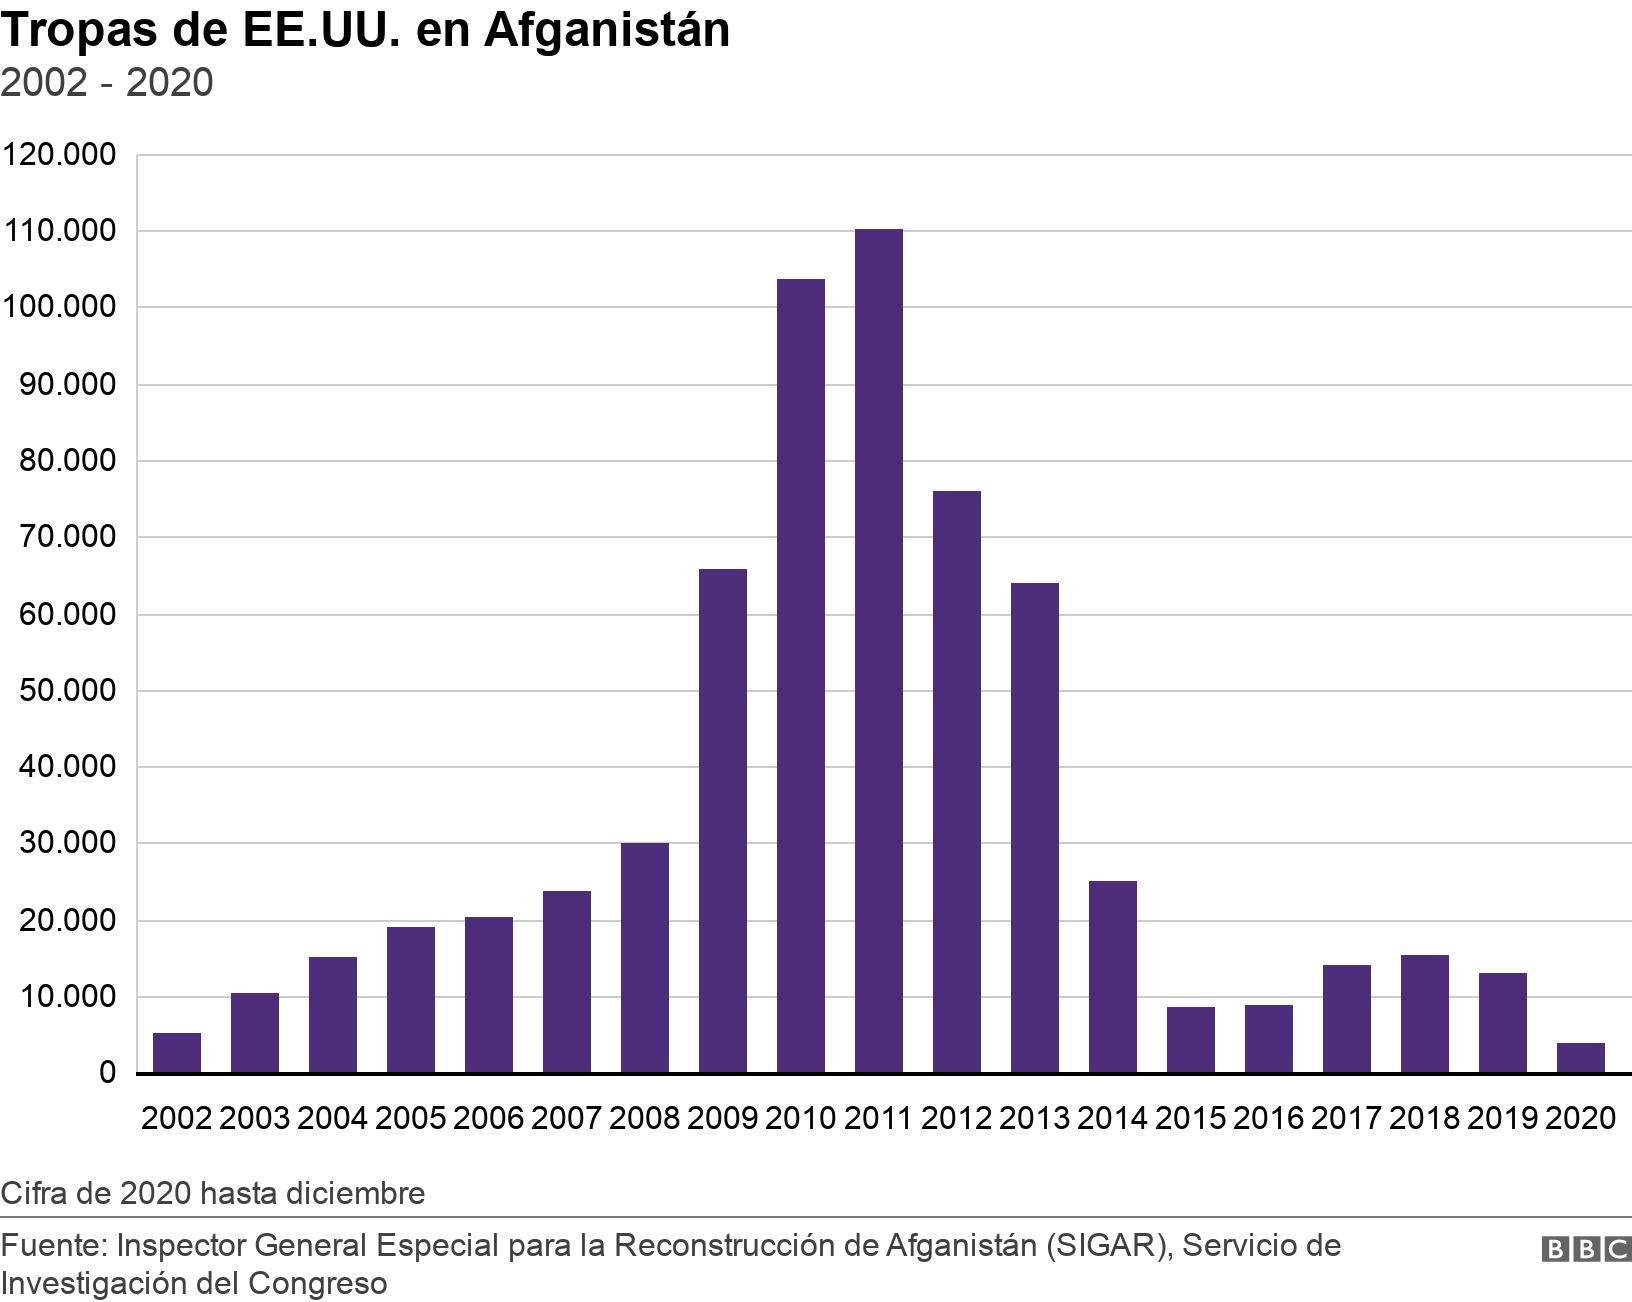 Tropas de EE.UU. en Afganistán. 2002 - 2020. Chart showing US troop levels in Afghanistan from 2002 to 2019 Cifra de 2020 hasta diciembre.